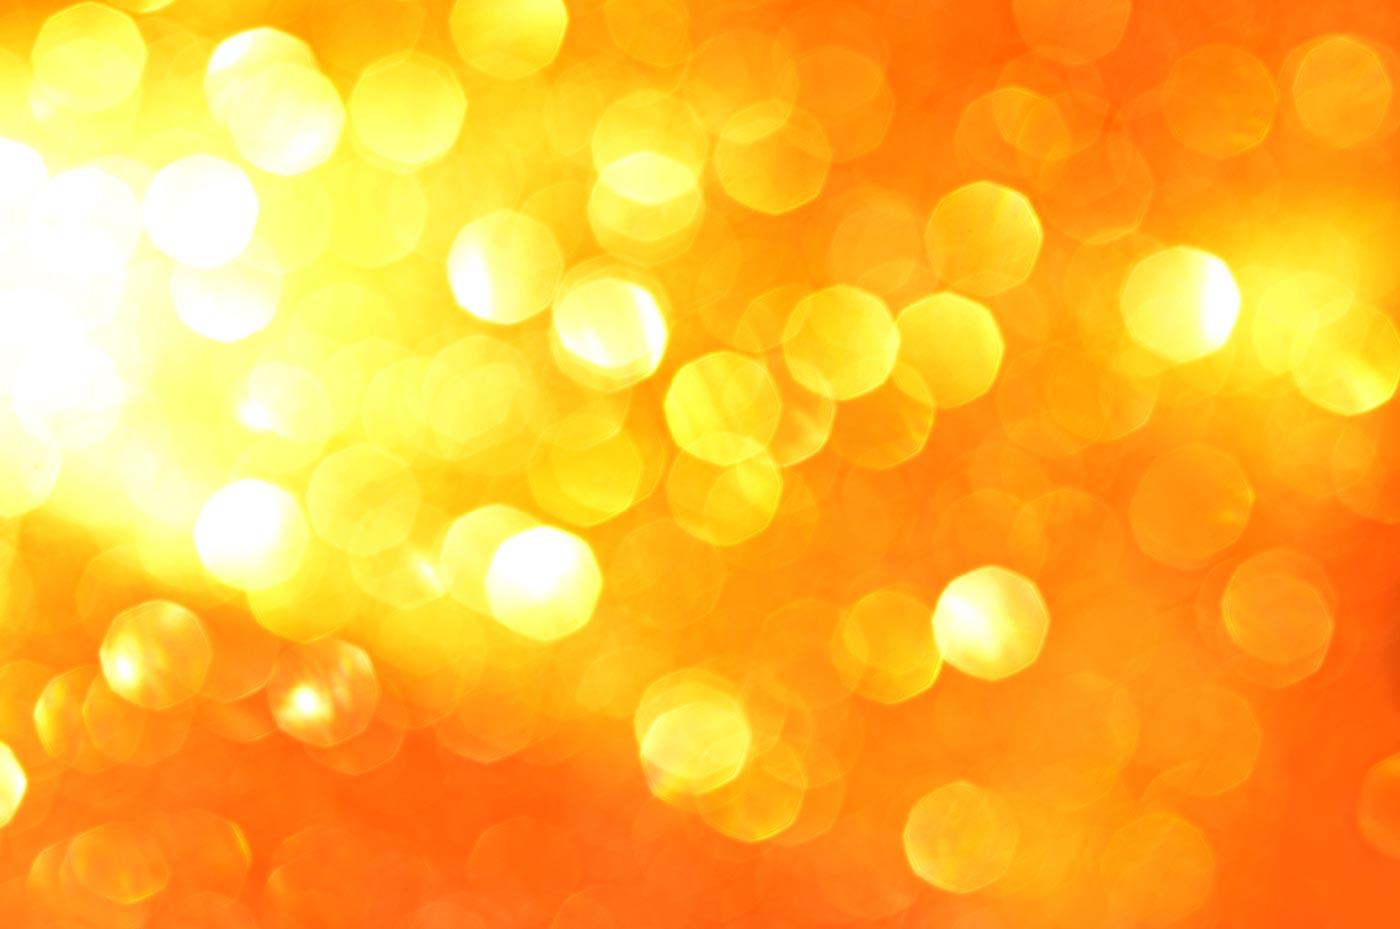 оранжевые обои для рабочего стола, лето, солнечный свет, скачать фото